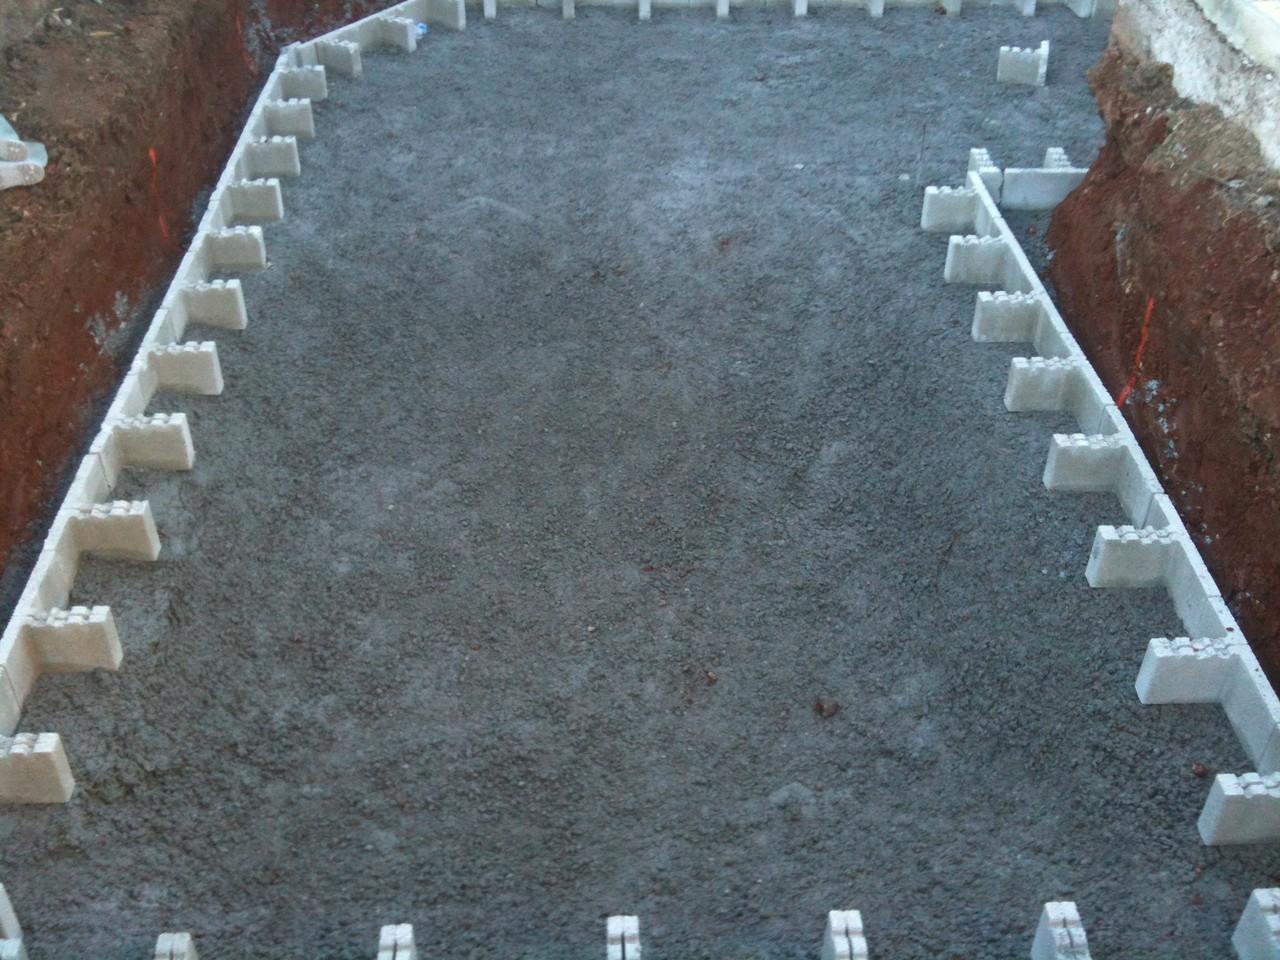 Constructeur de piscines et spas 0660978914 piscine kachou for Constructeur de piscines